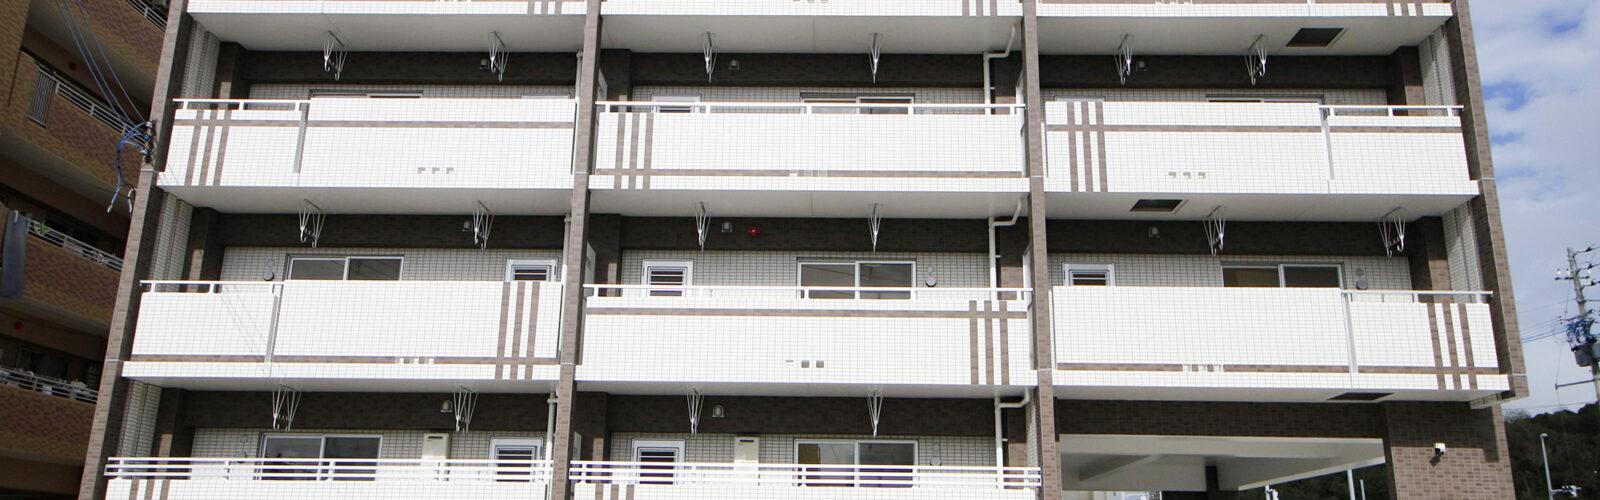 二面性のある外観タイルデザインがポイント。機能性・防犯性も充実した全戸2LDKの共同住宅。